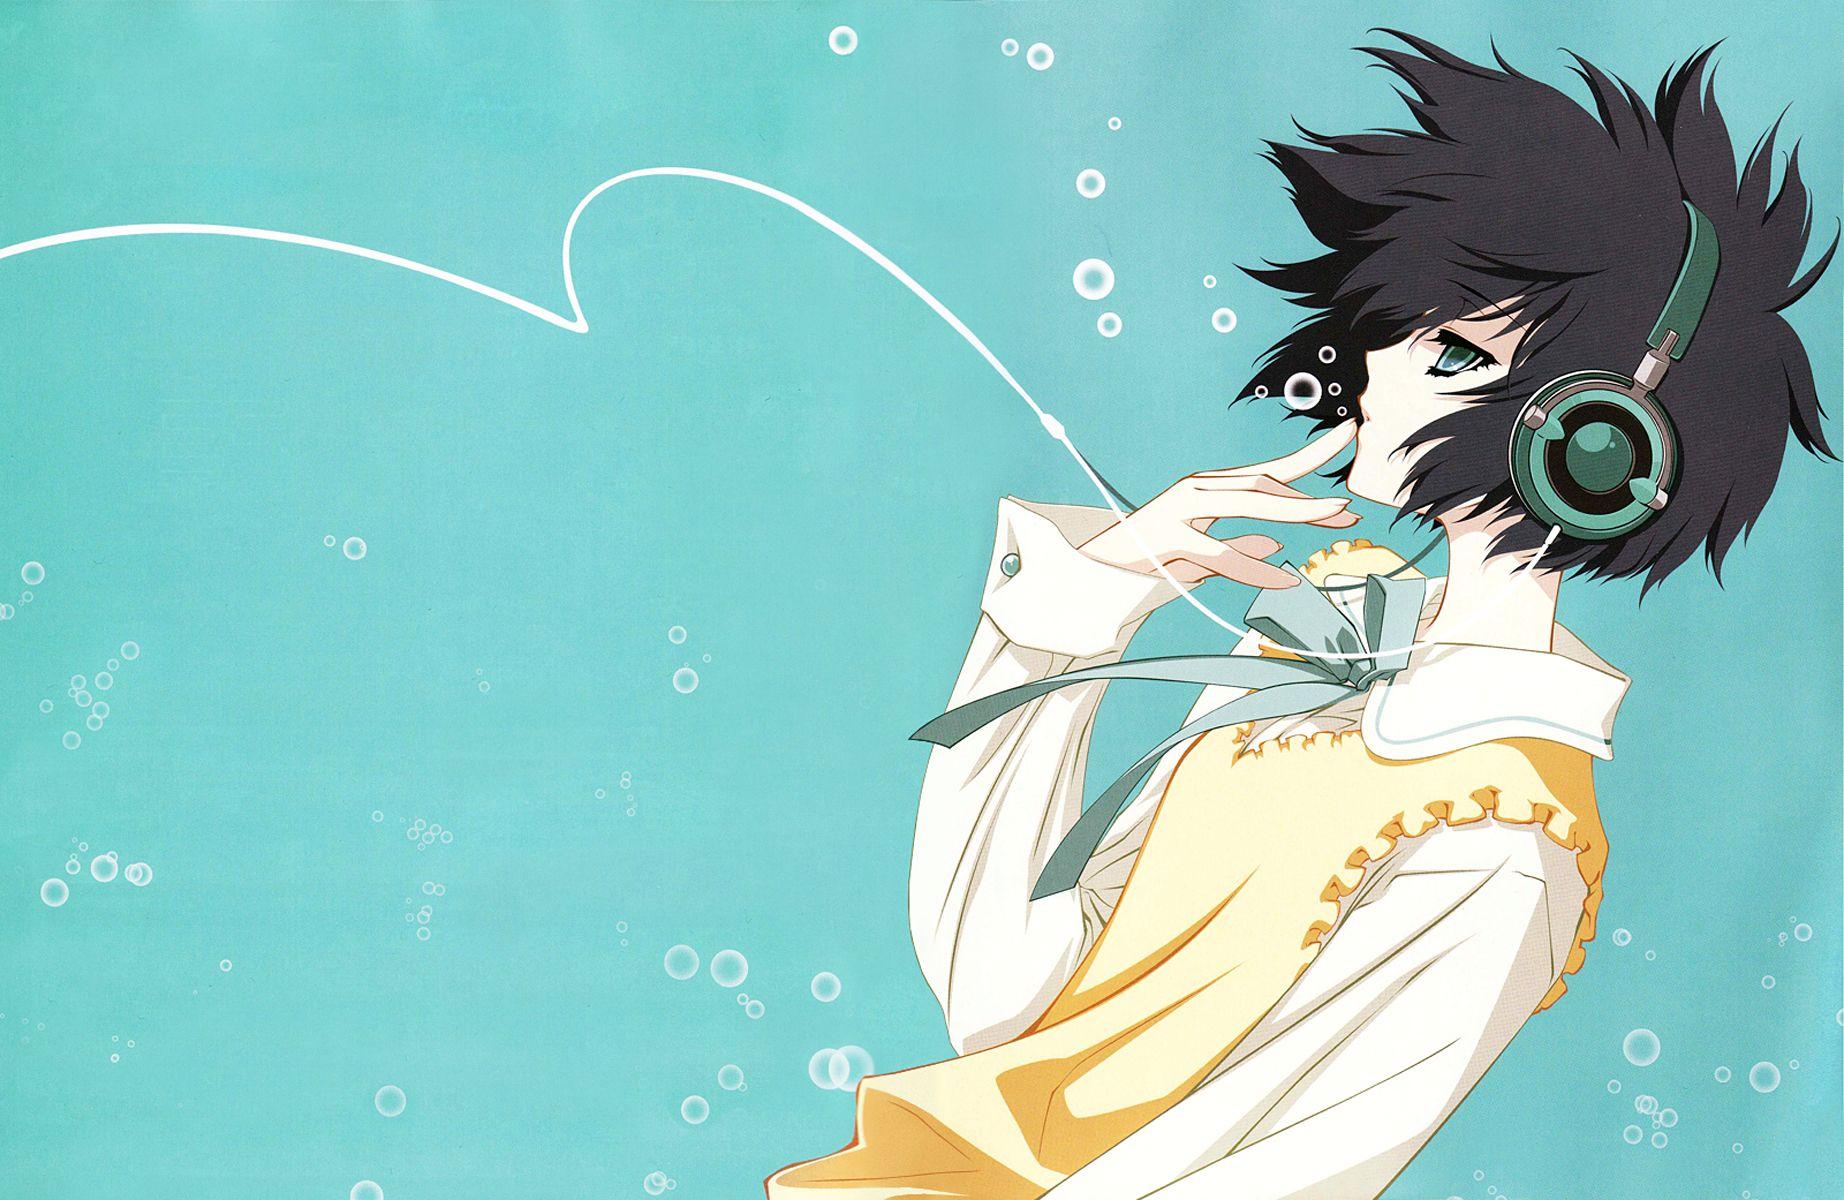 Carnelian headphones girl anime ParaSol / 1844x1200